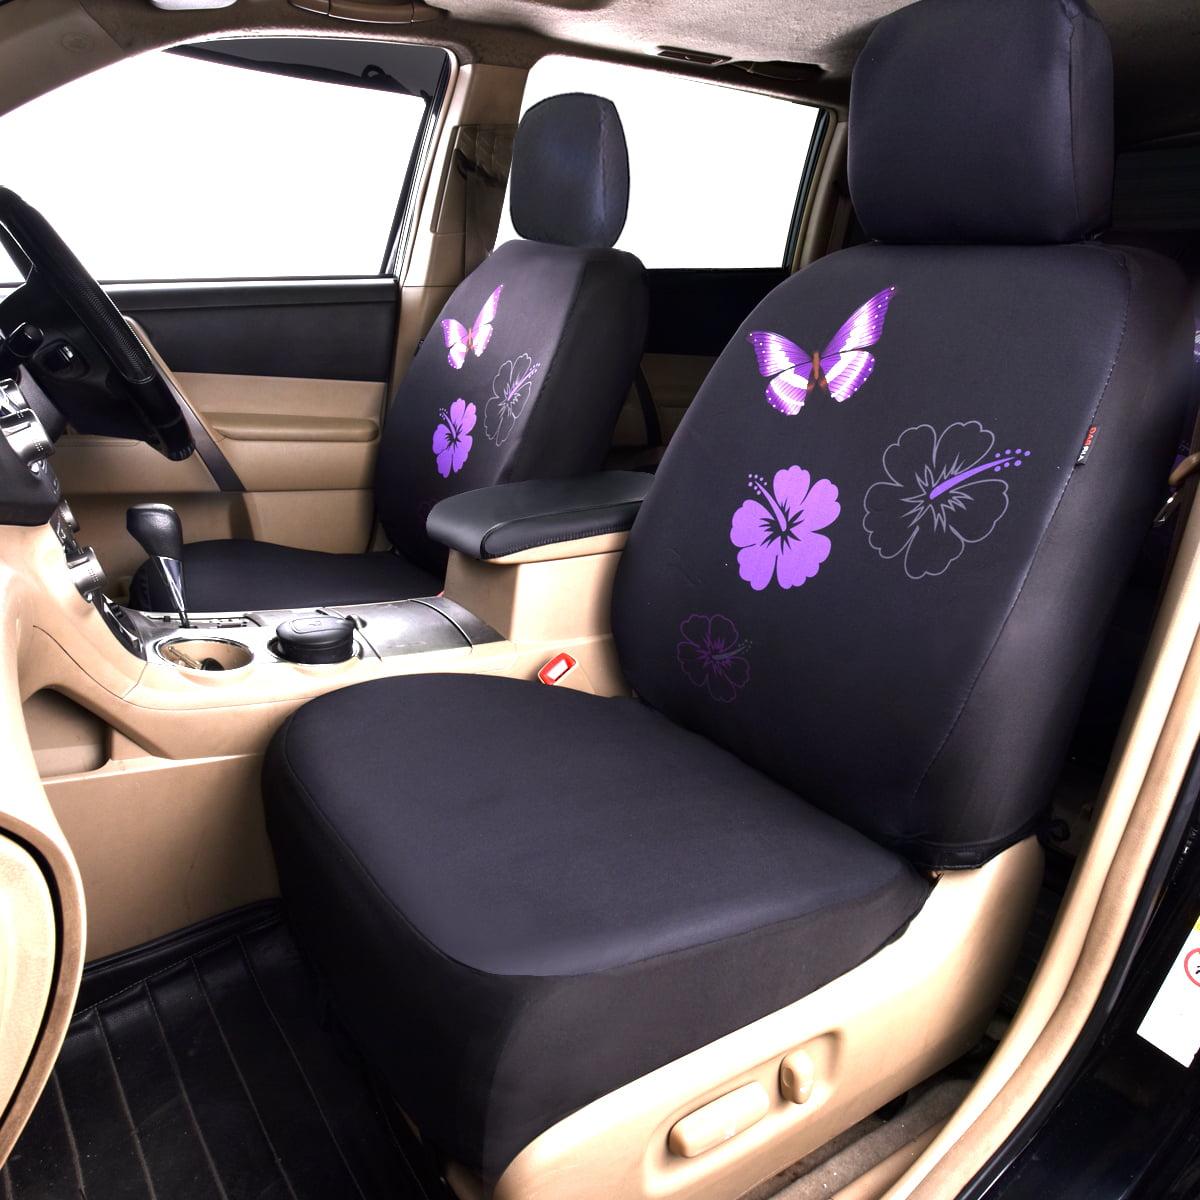 car pass housse de si ge voiture avant universelle design de papillons et fleurs compatible. Black Bedroom Furniture Sets. Home Design Ideas